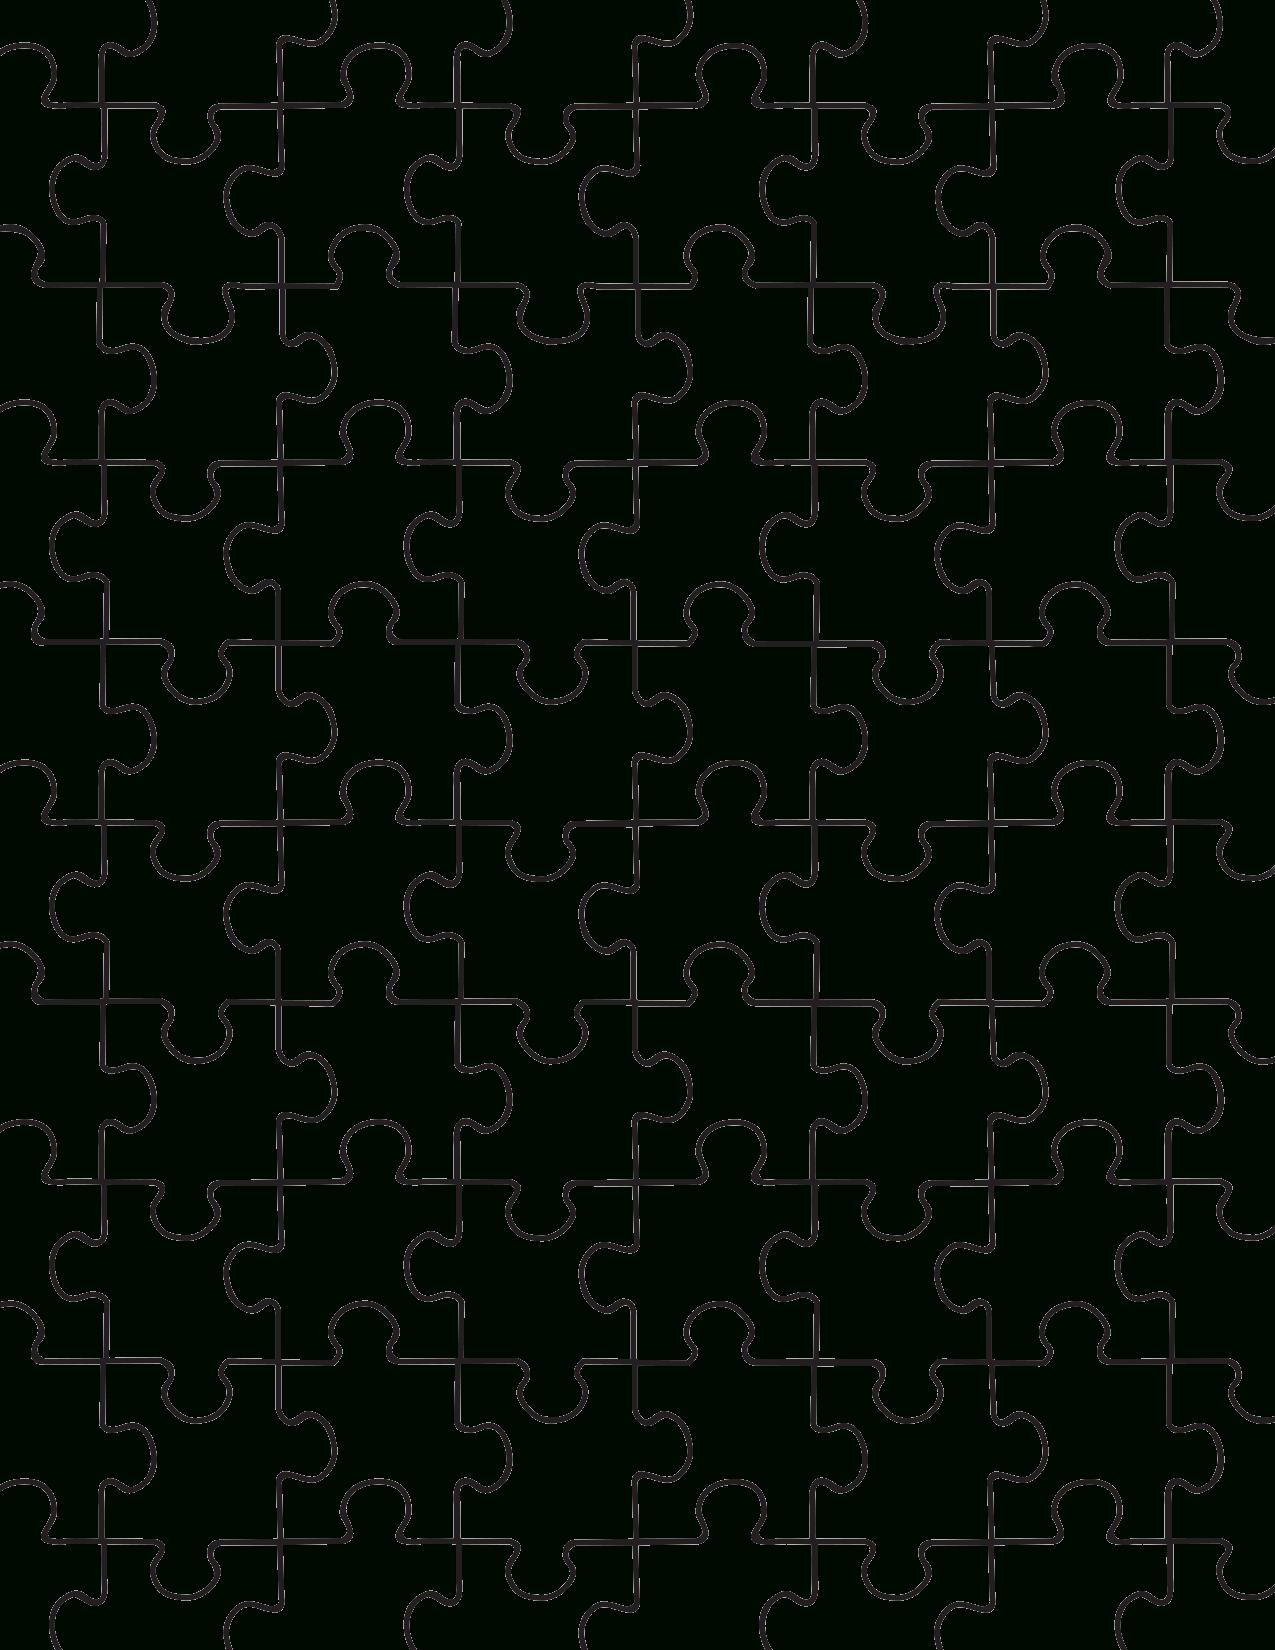 Printable Puzzle Pieces Template | Decor | Puzzle Piece Template - Printable Jigsaw Puzzle Pieces